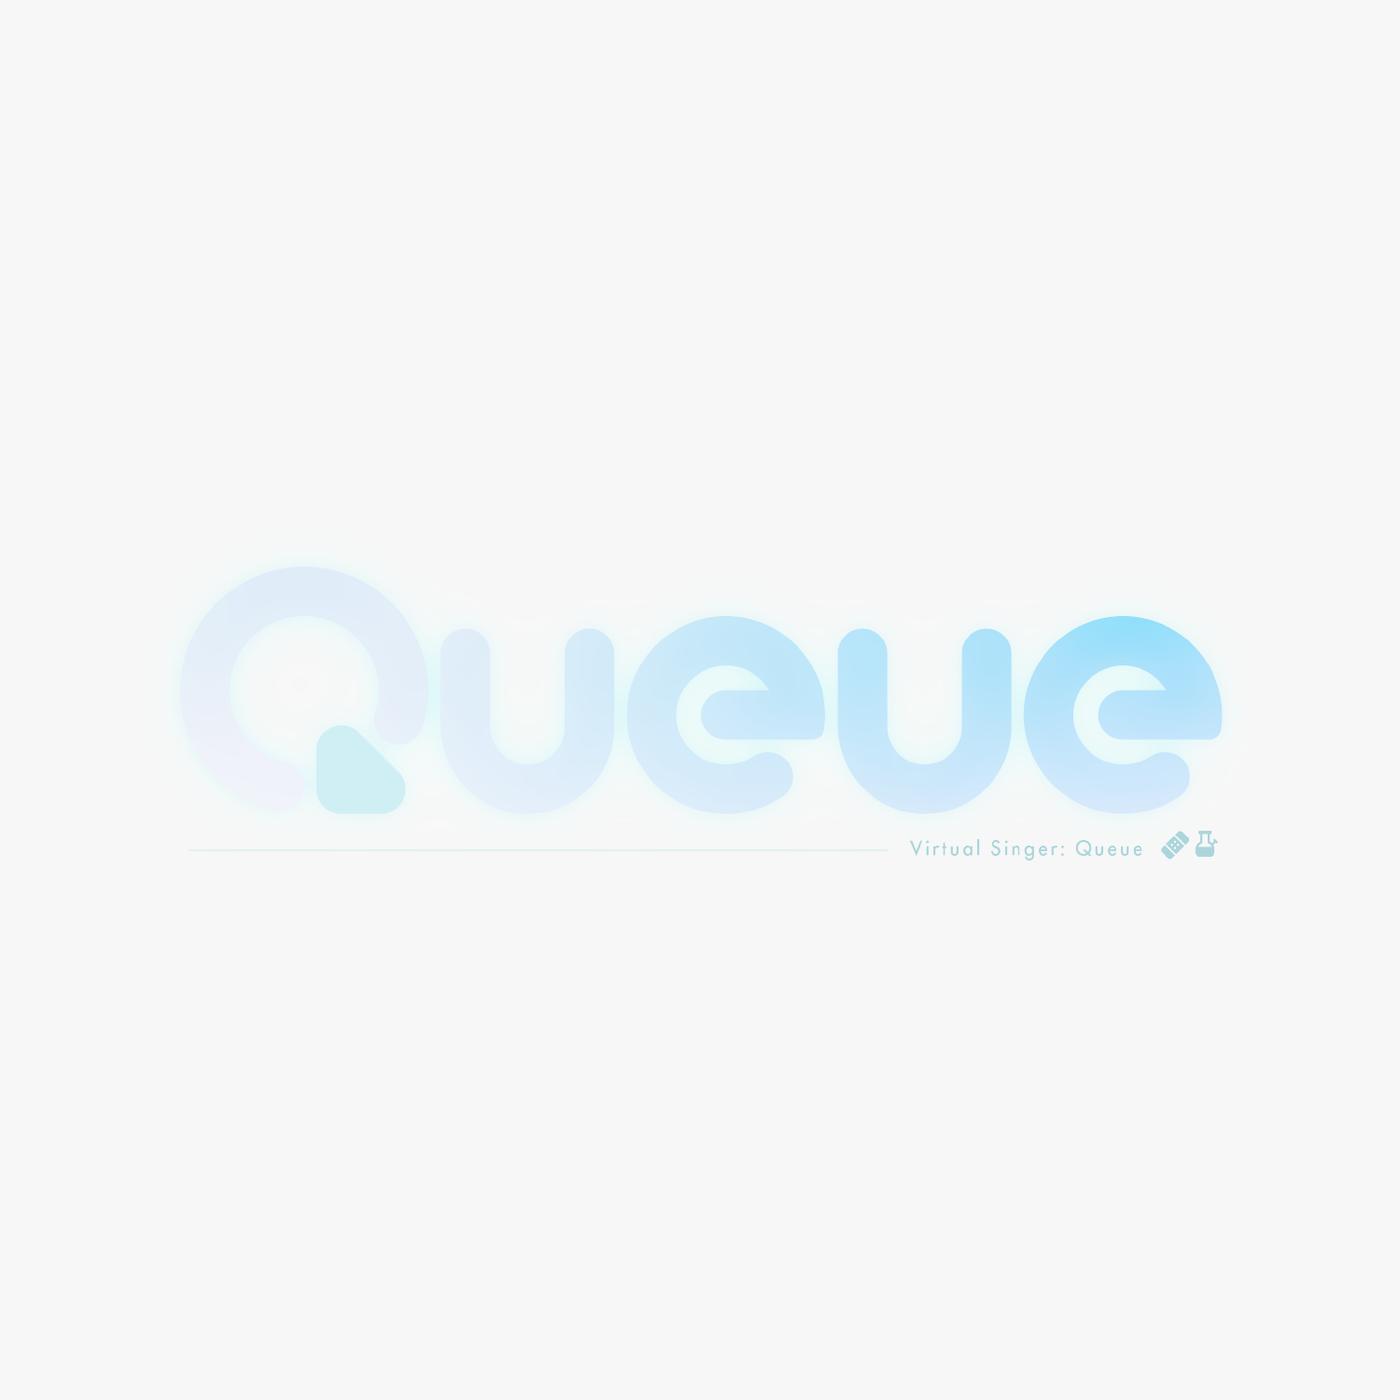 Queue(ロゴデザイン)